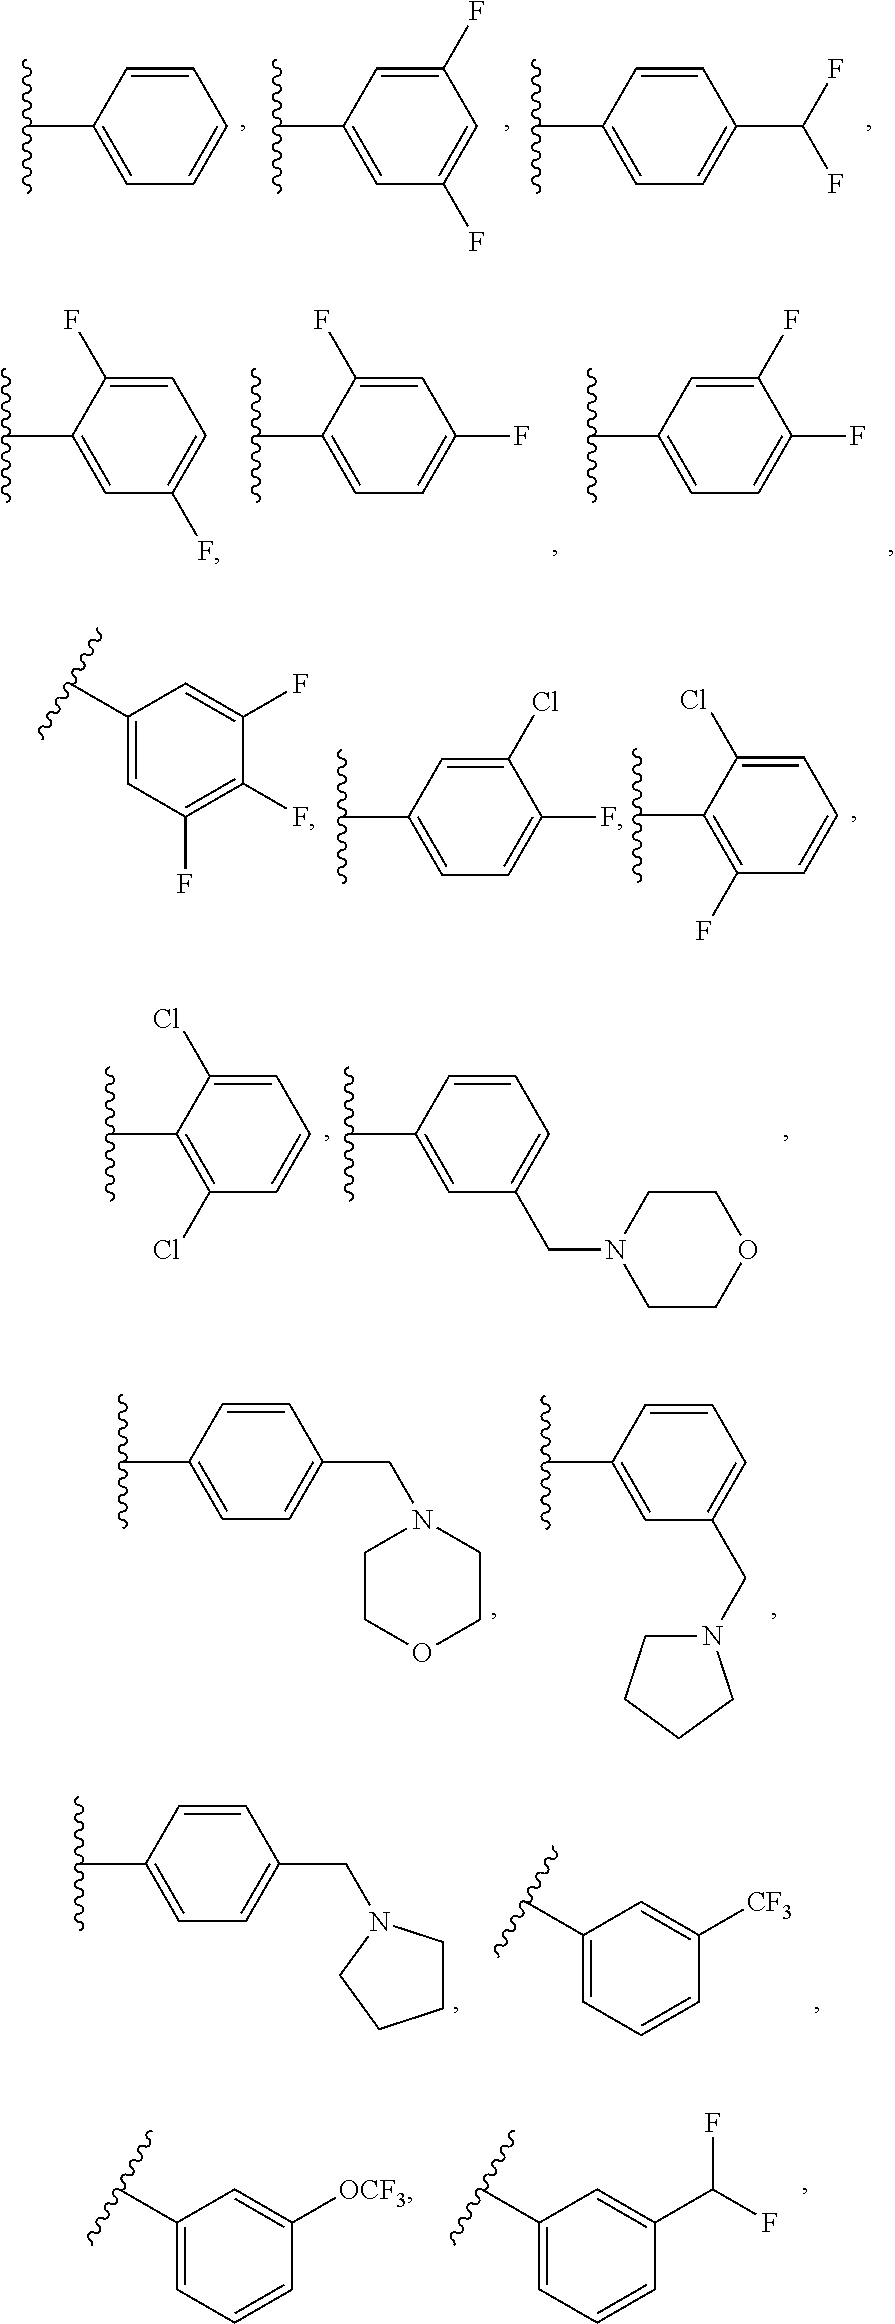 Figure US09326986-20160503-C00368